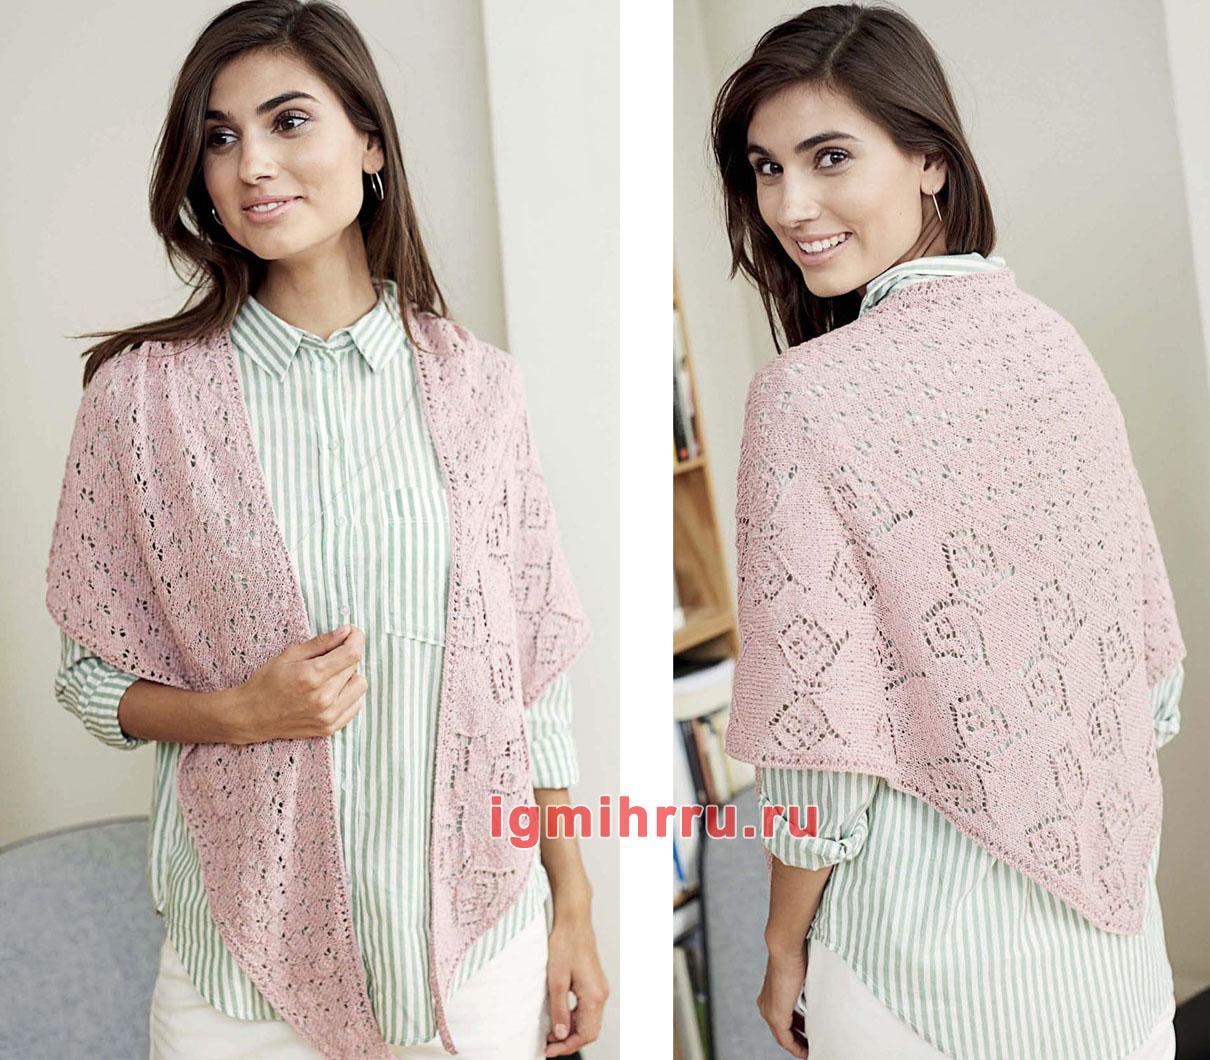 Розовая шелковая шаль с ажурными узорами. Вязание спицами